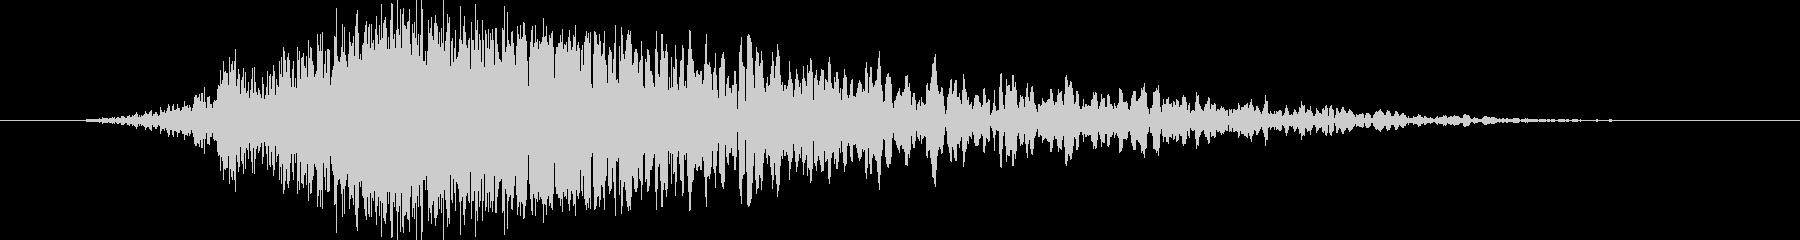 どーん:オープニングロゴなどの締めの音5の未再生の波形